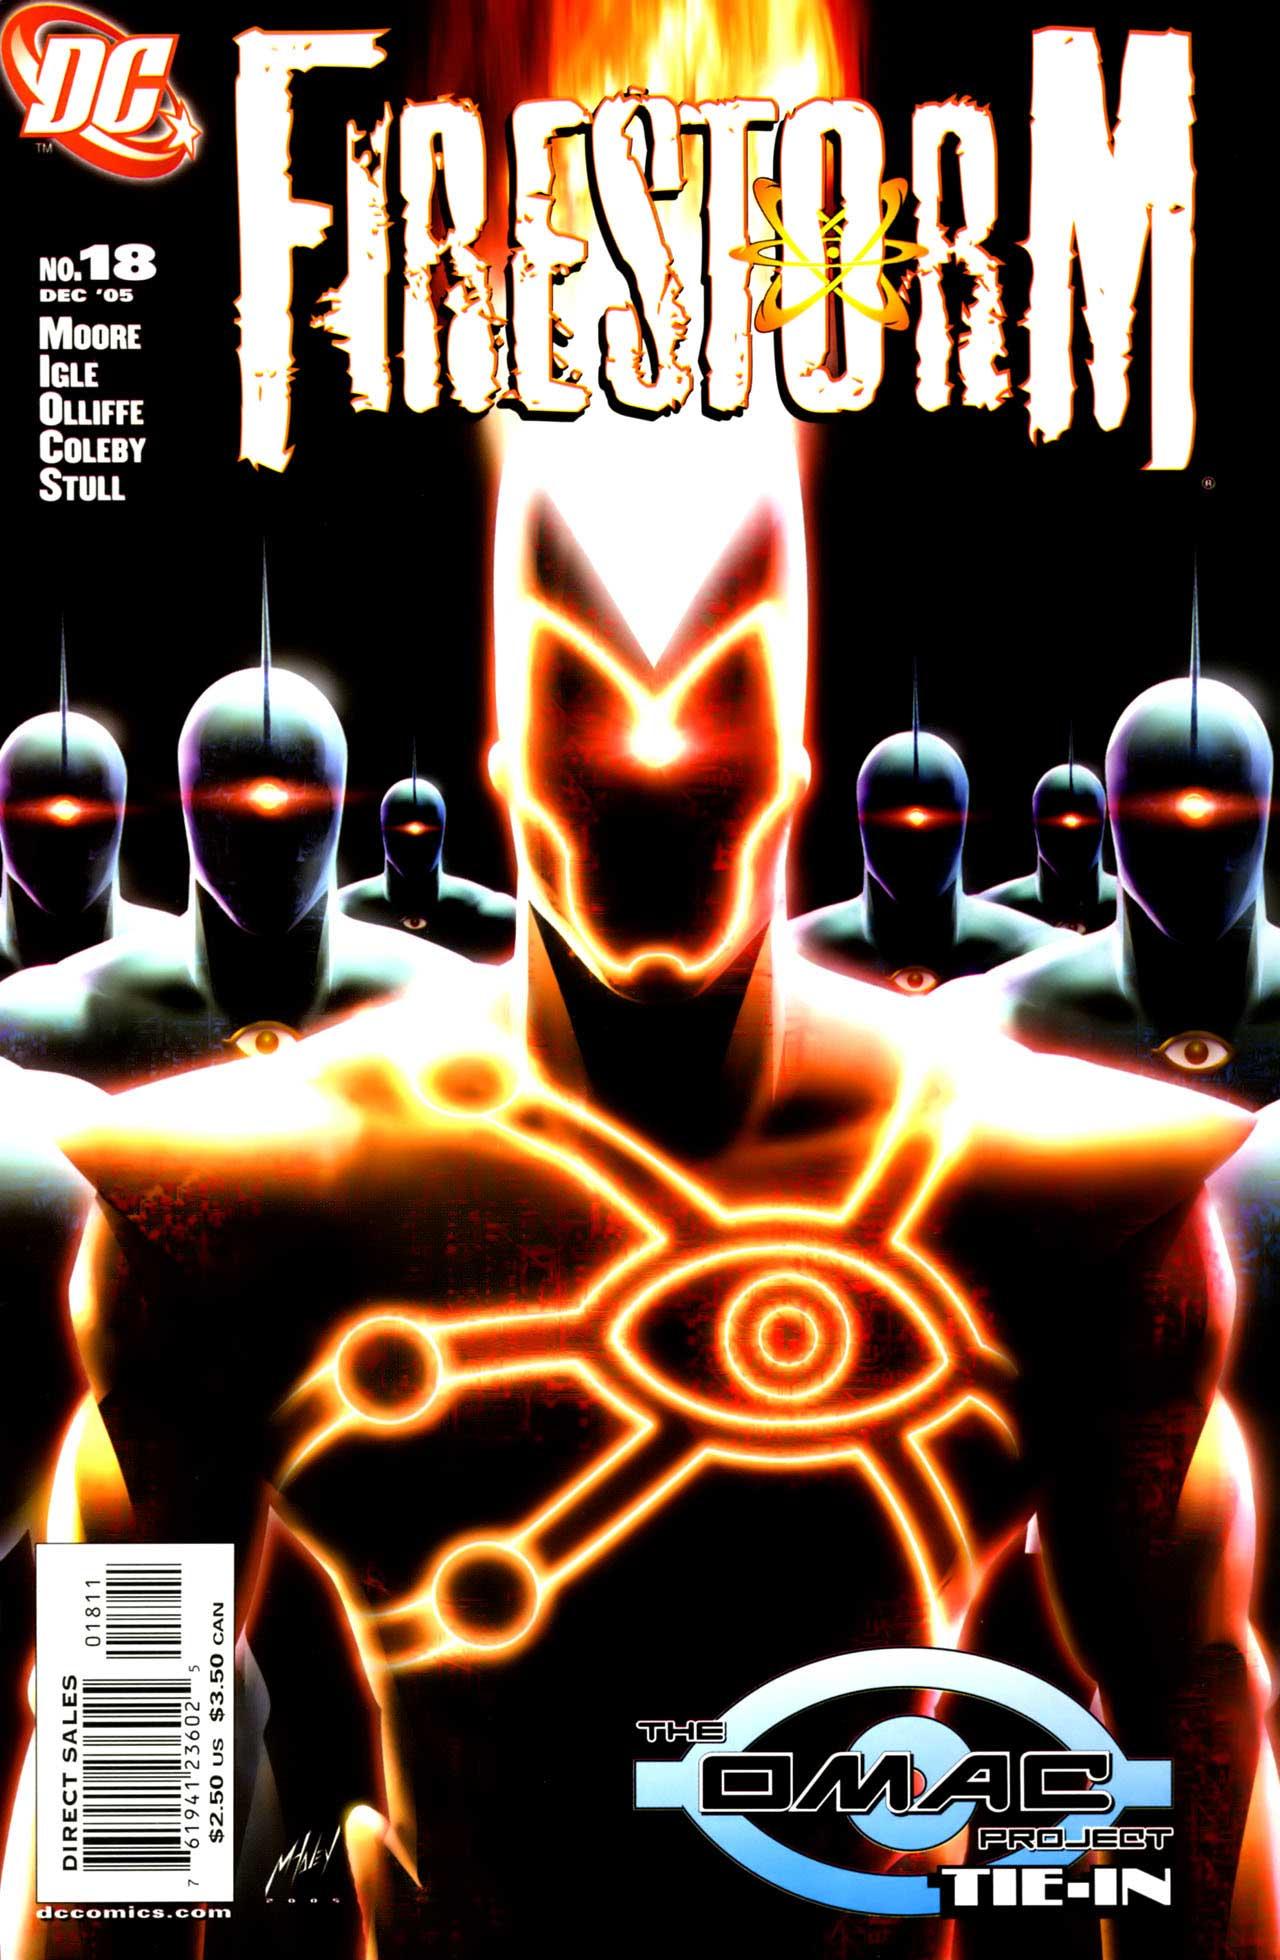 FIRESTORM #18 Cover by Matt Haley